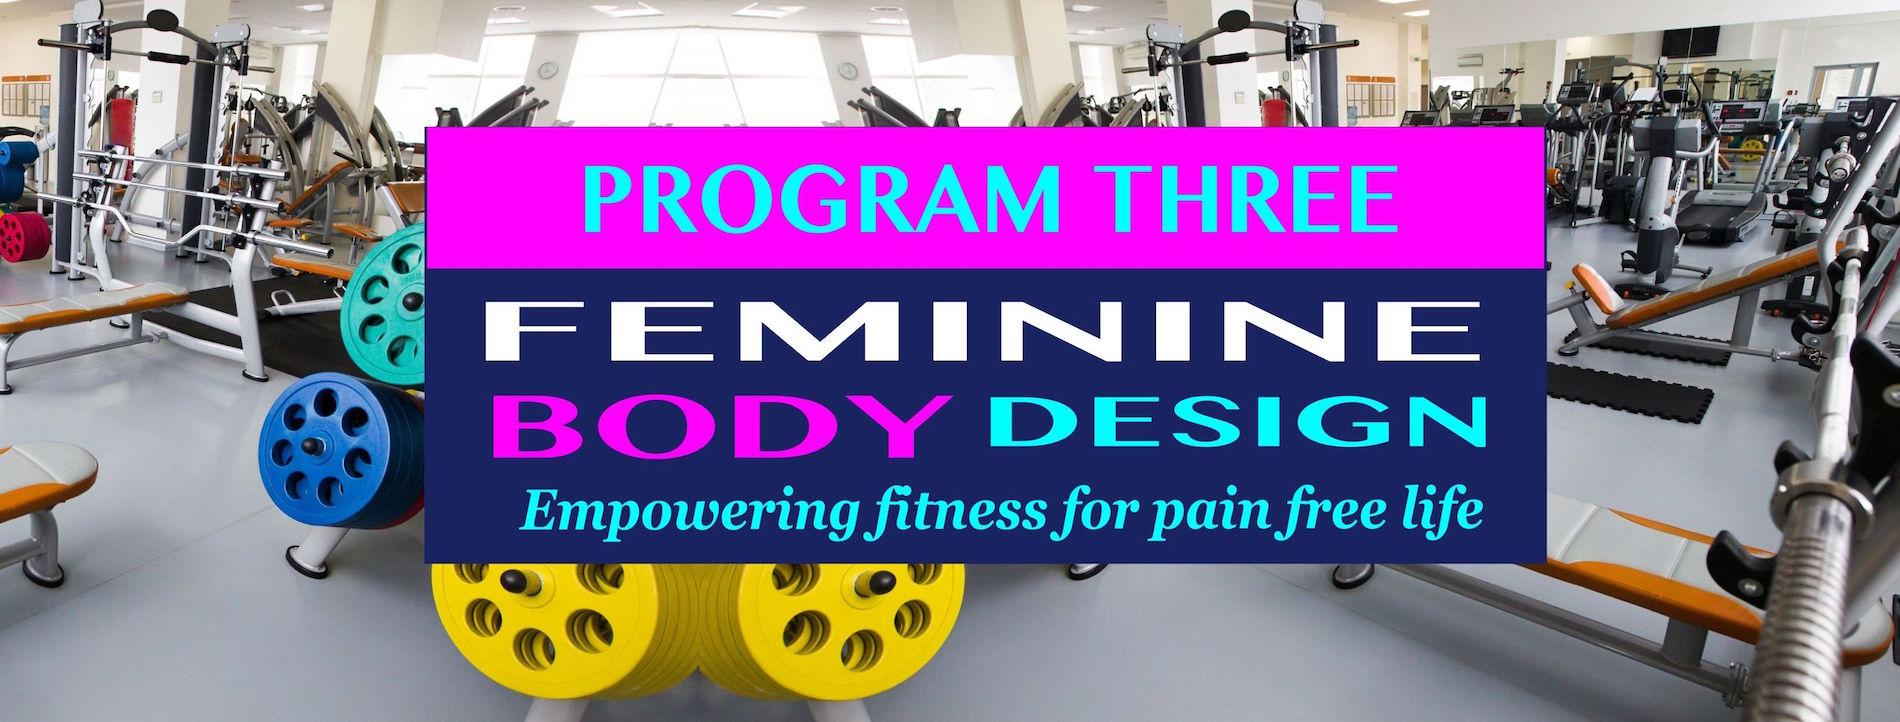 Feminine Body Design Program 3